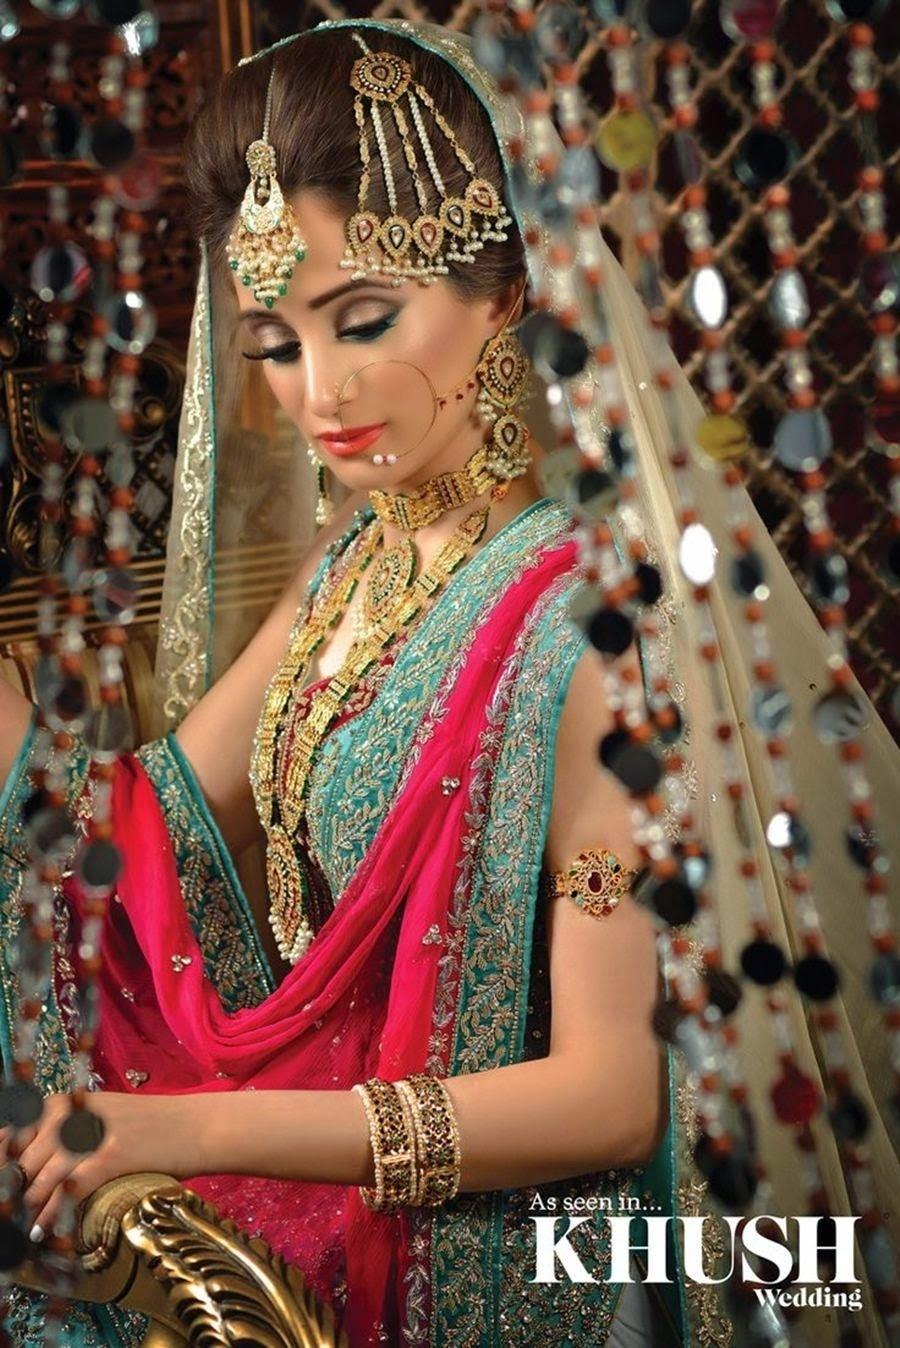 Pakistani Bridal Makeup Pictures 2015 - Latest Bridal Makeover 2015 in Pakistani Bridal Makeup Pictures Facebook